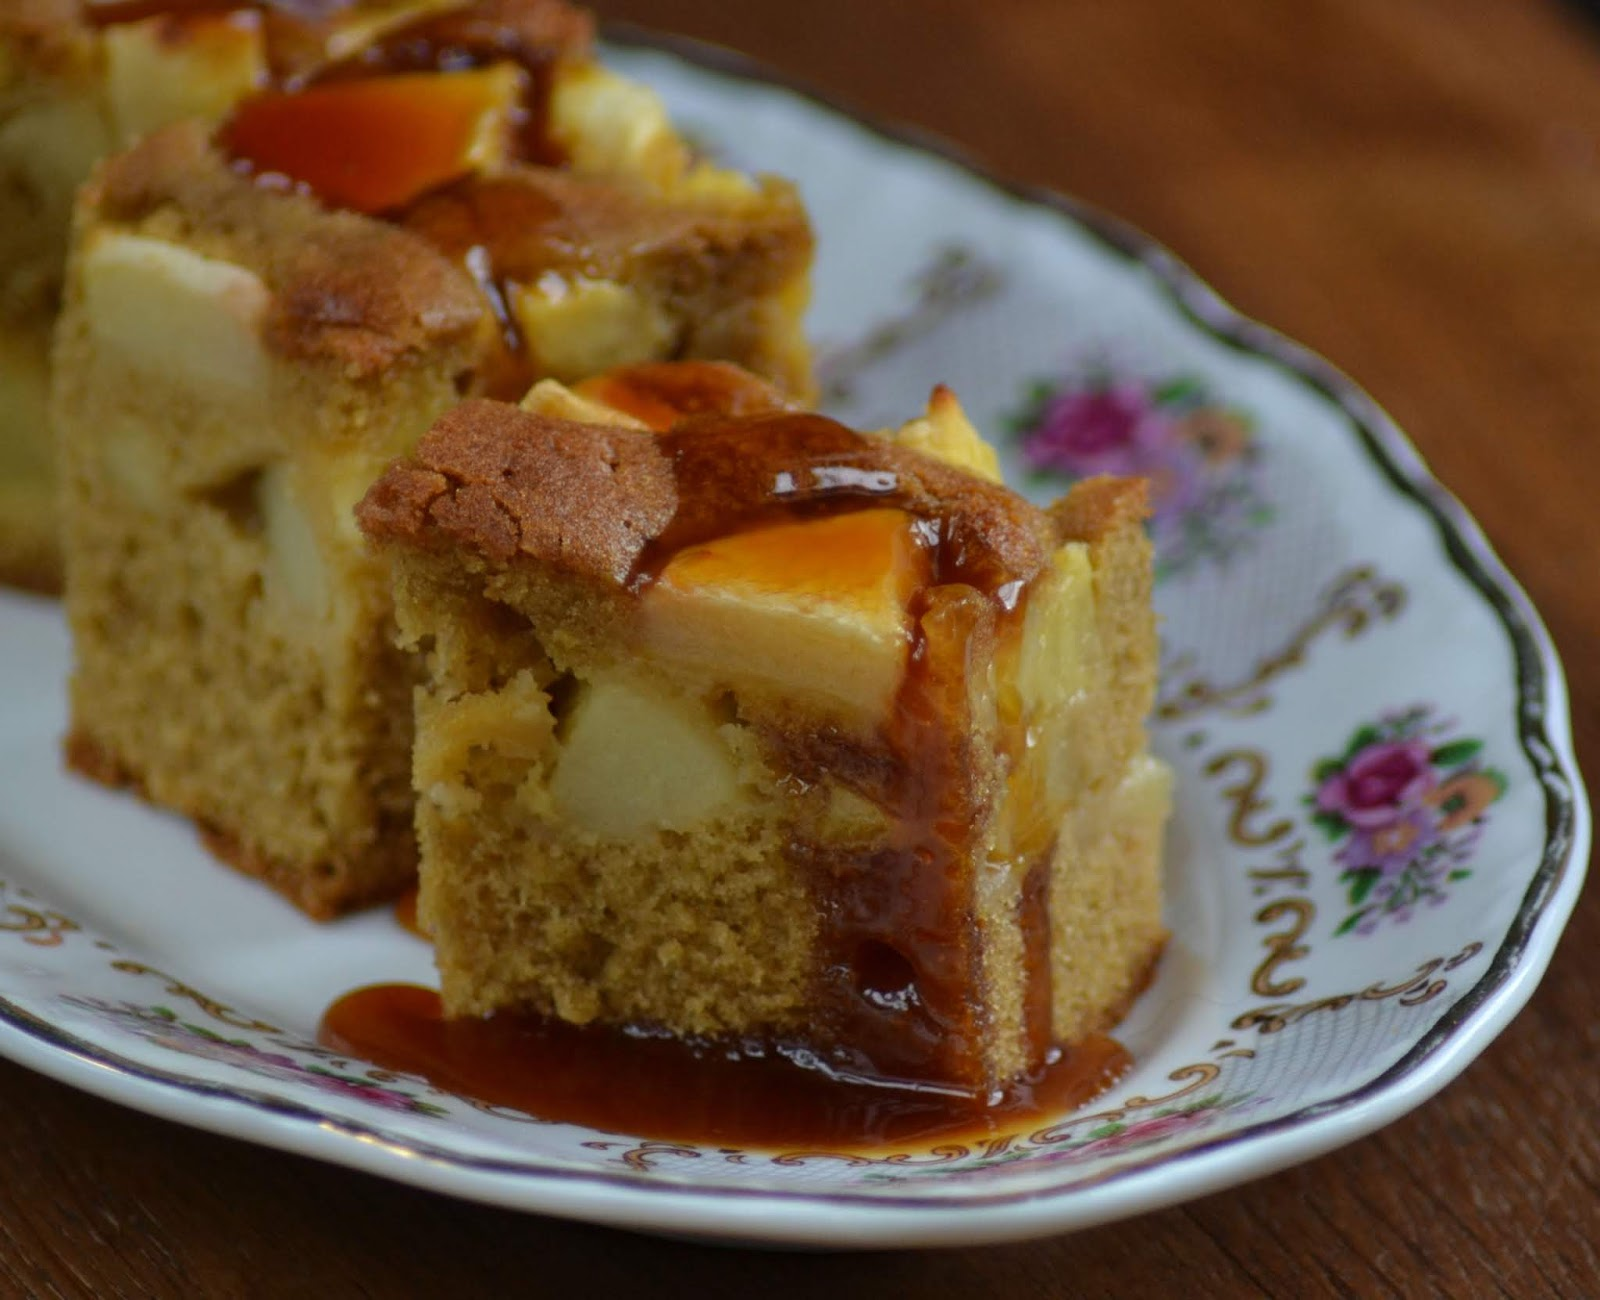 Bekijk het recept voor appel-ananascake